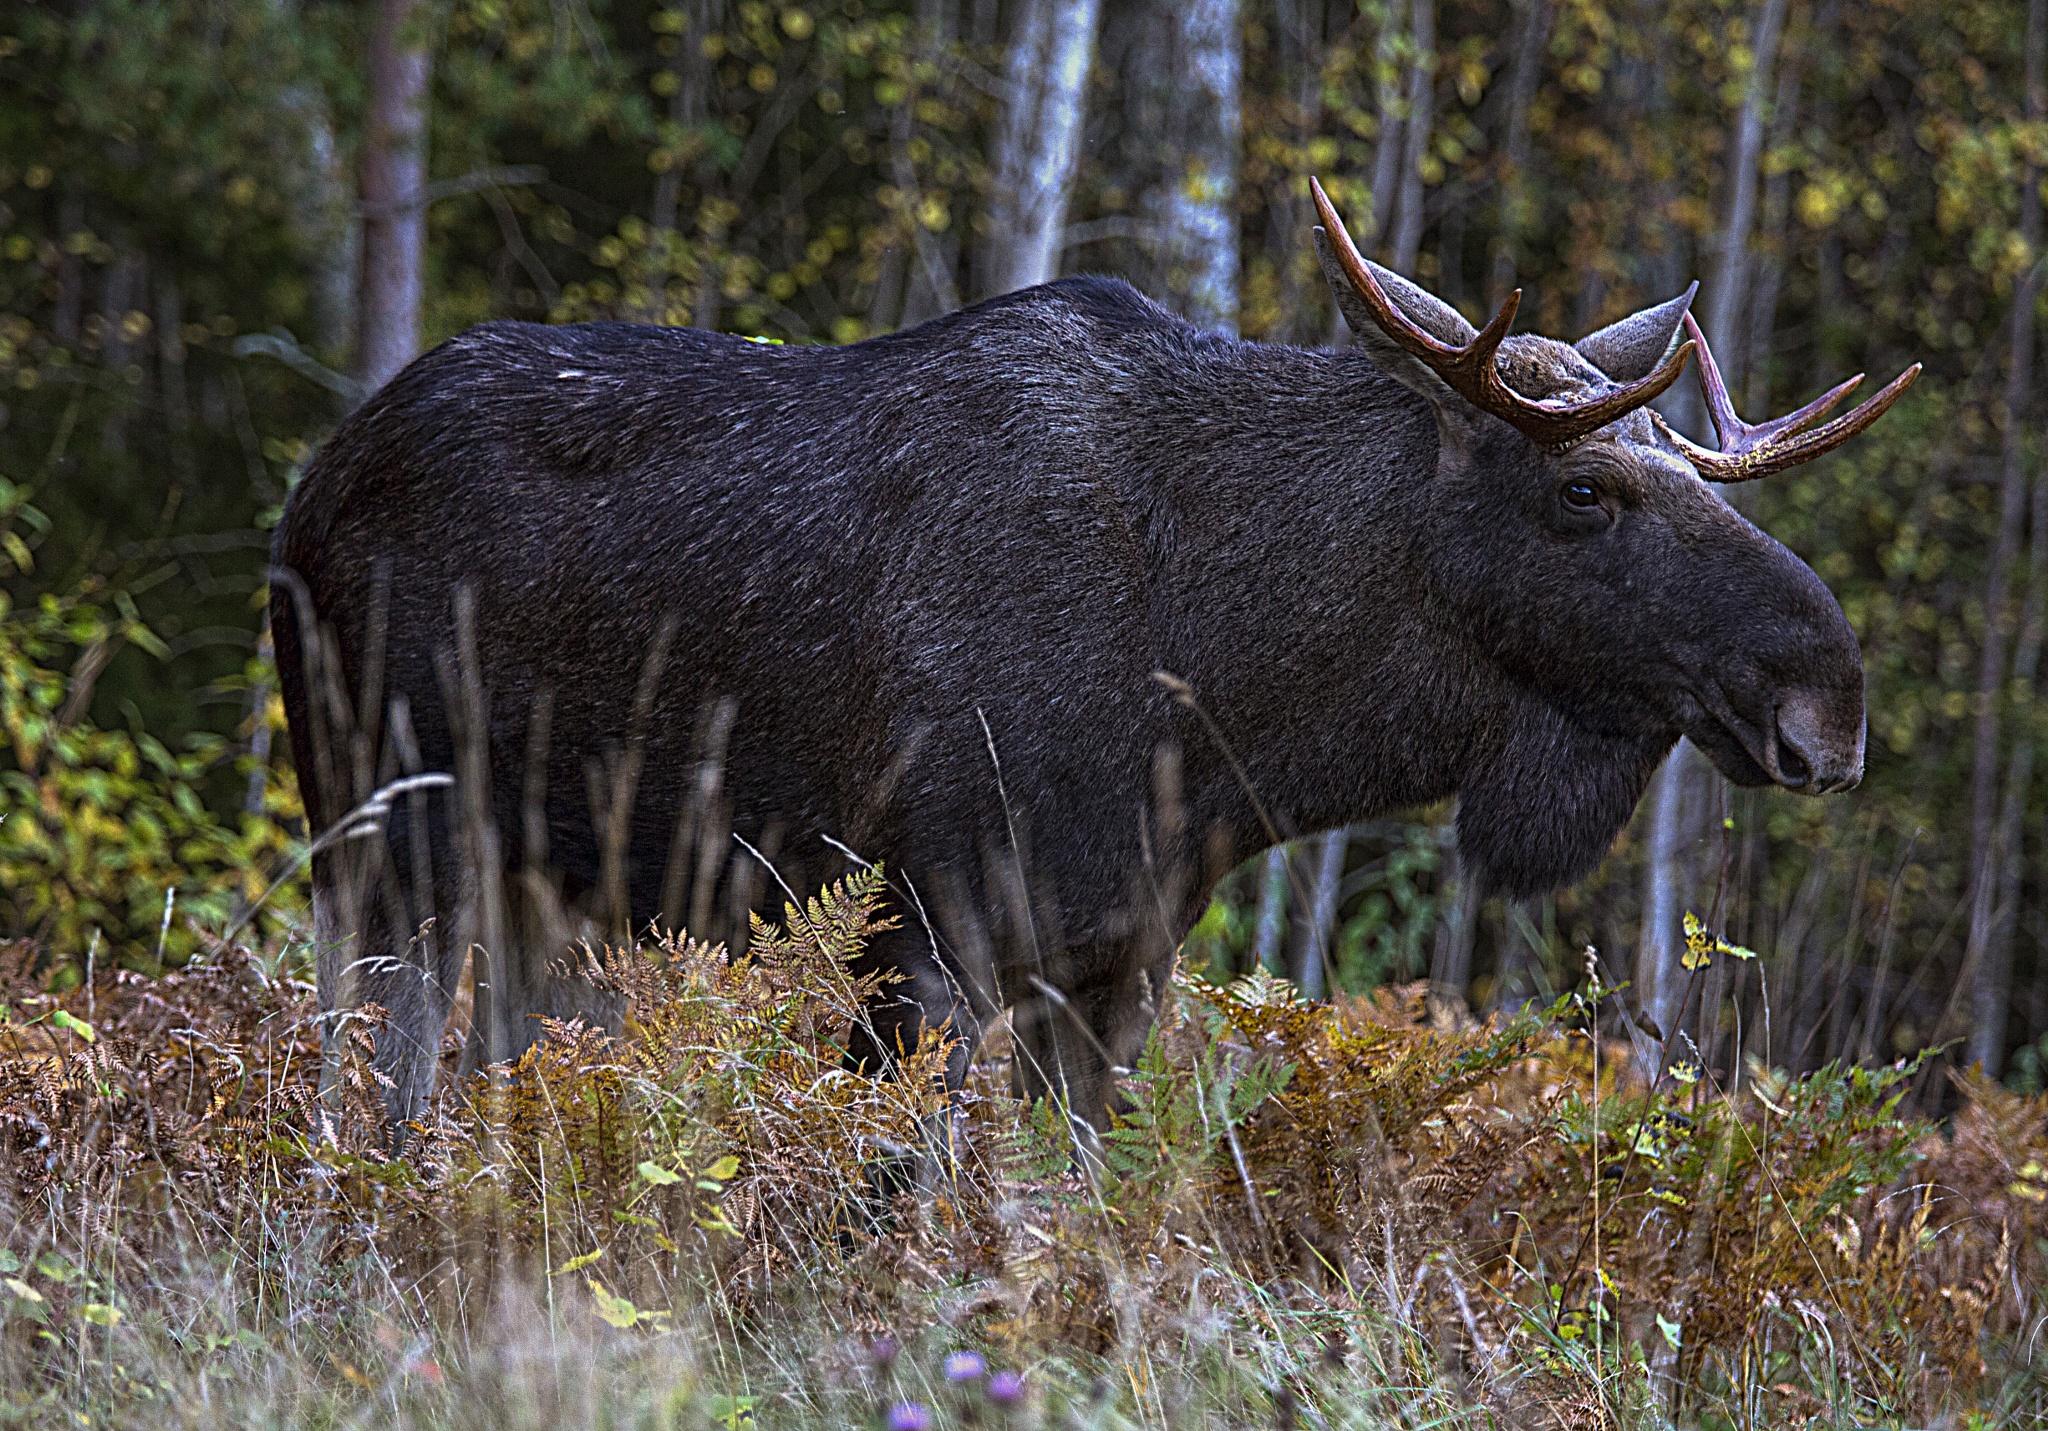 The Elk by Ola Sköld